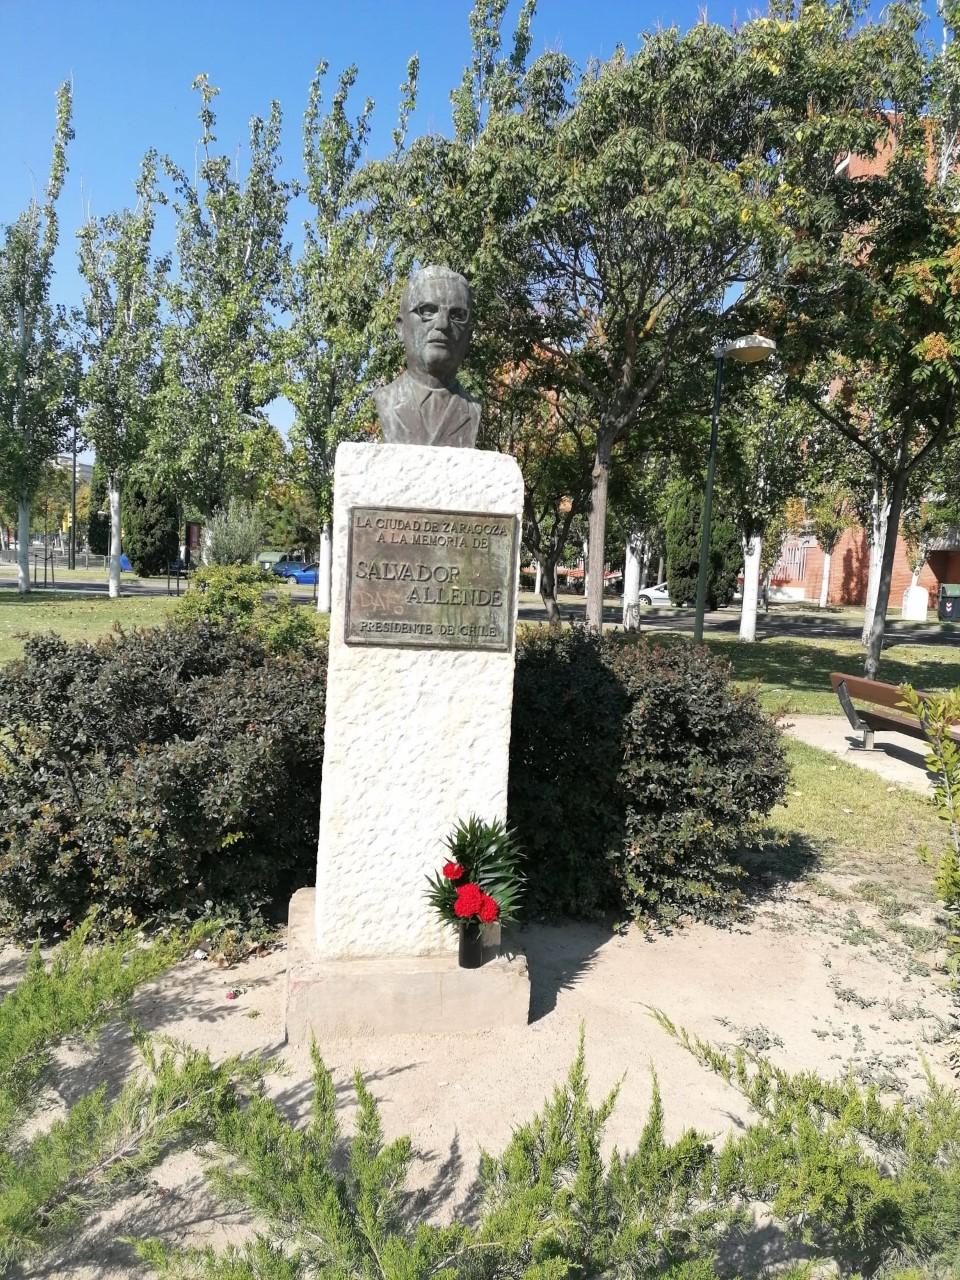 CHILE. 11 de septiembre. Aniversario del golpe fascista contra el gobierno de Salvador Allende